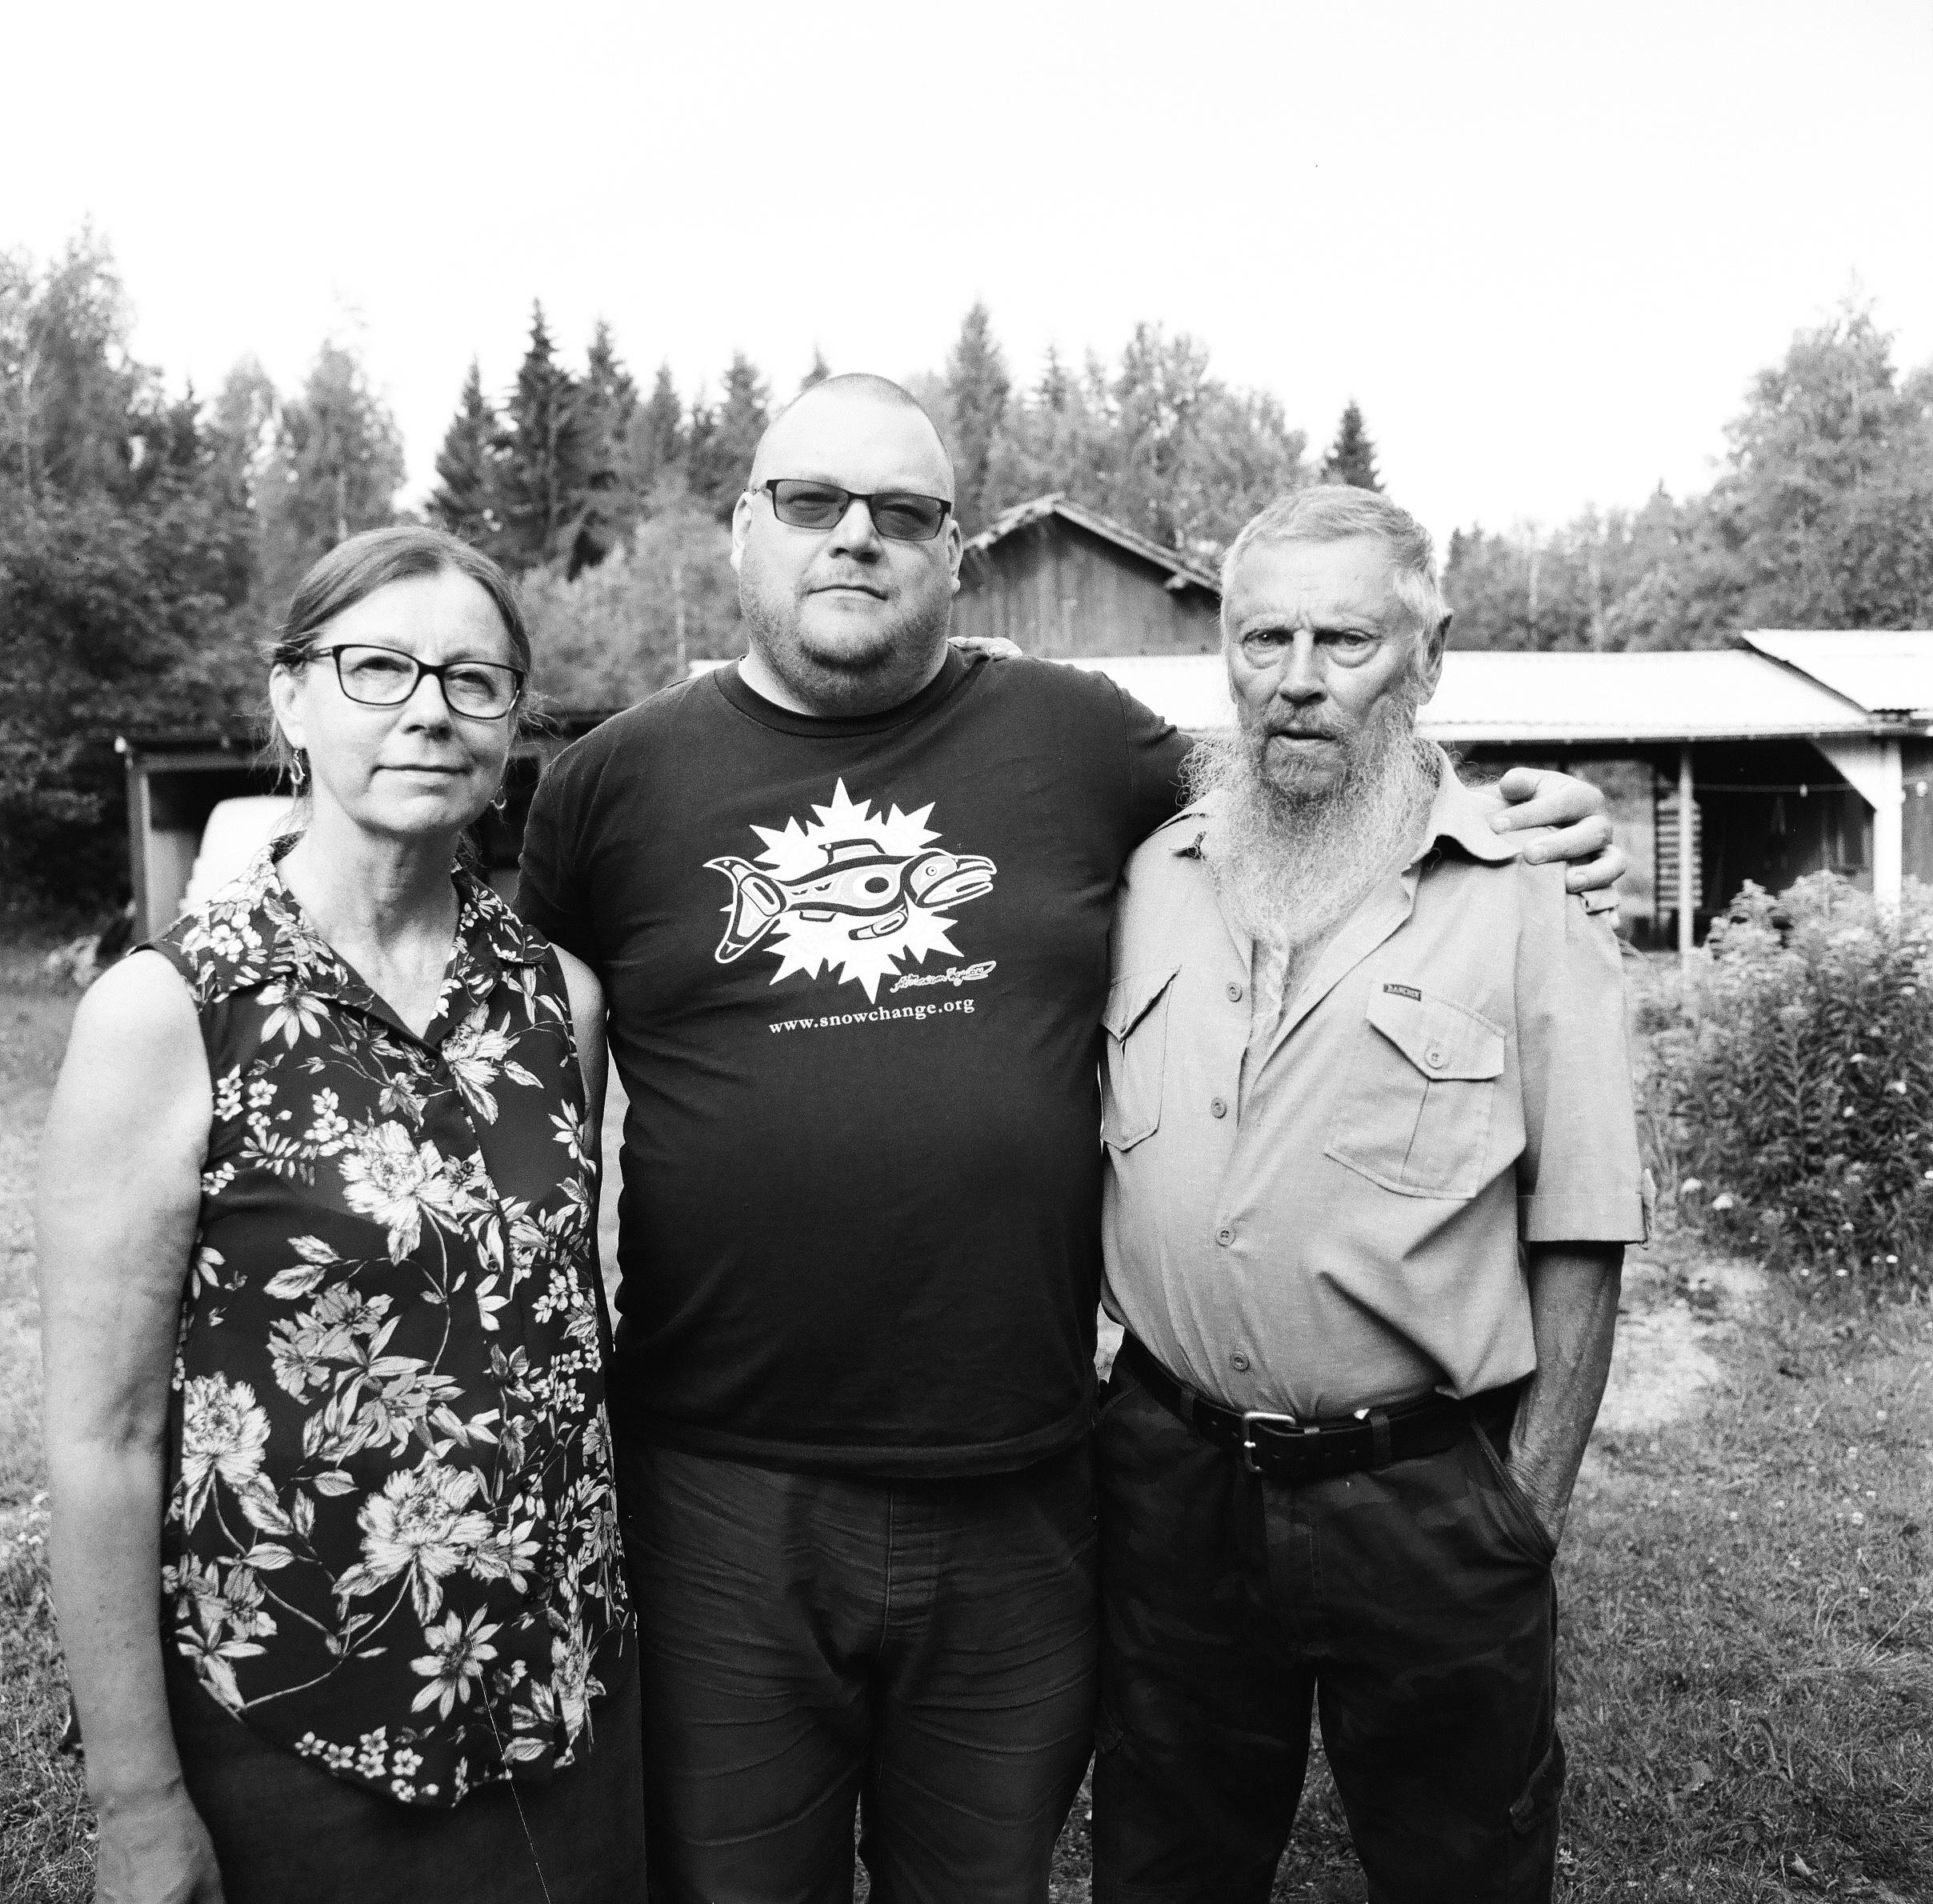 Rita Lukkarinen, Producer Tero Mustonen, Eero Murtomäki, Summer 2018